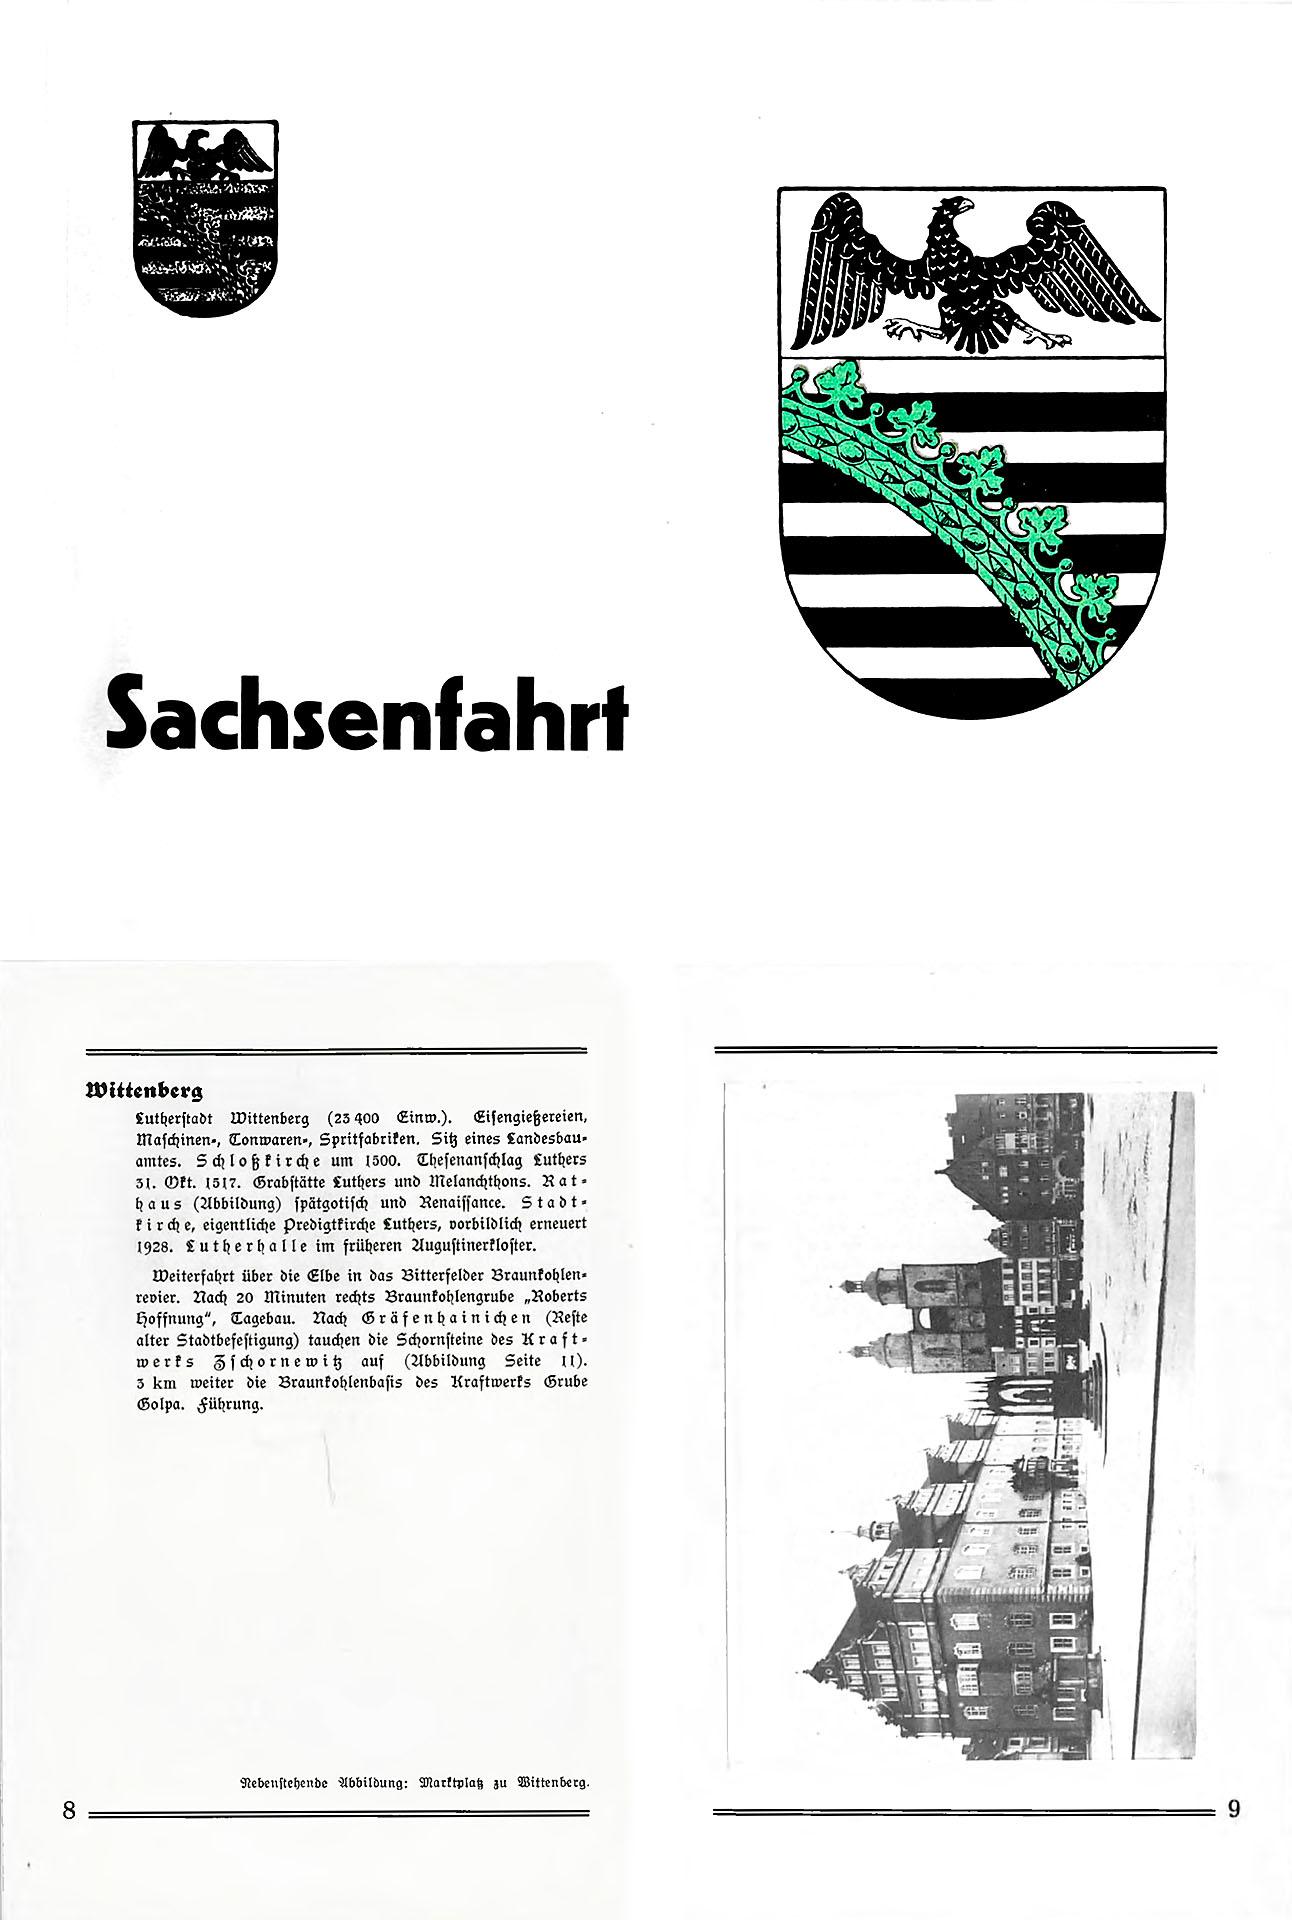 Sachsenfahrt